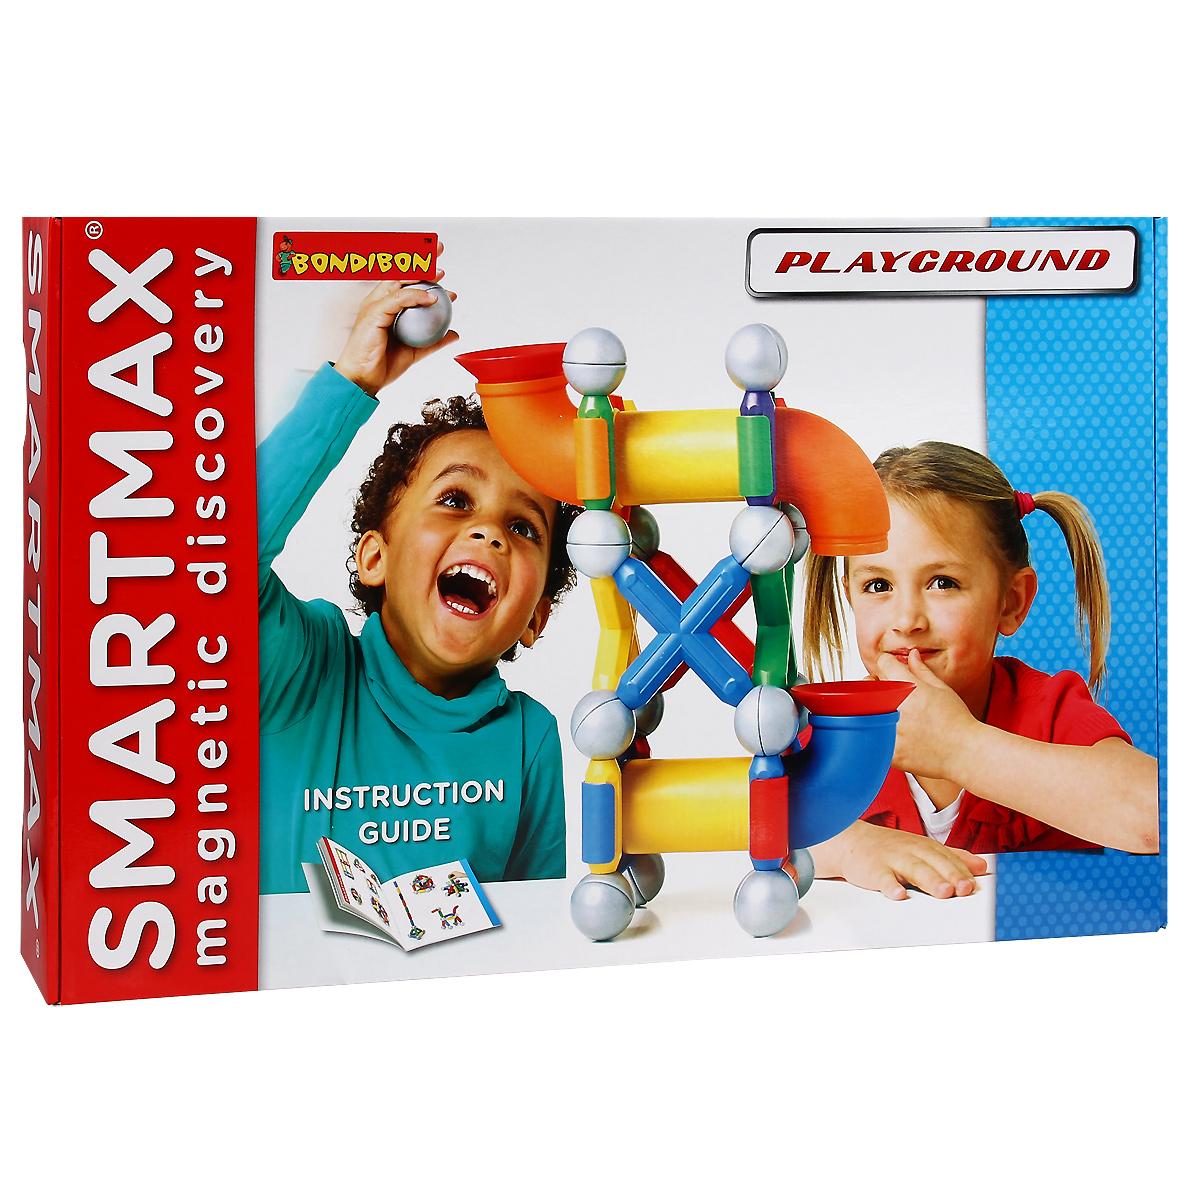 Bondibon Конструктор магнитный Smartmax Детская площадкаВВ1068/SMX 509Магнитный конструктор Bondibon Smartmax Детская площадка не только будет развлекать вашего малыша игрой, освобождая вас на некоторое время от его требовательного внимания, но и познакомит вашего почемучку с принципом действия магнитов! В комплект входят 37 элементов магнитного конструктора, в том числе 13 металлических шаров, из которых ребенок без труда сможет собрать детскую площадку, а еще множество других интересных сооружений. Ребенок будет запускать шары по верхней трубе и наблюдать, как они скатываются вниз. В красочном буклете малыш найдет примеры сборки конструкций. Благодаря крупным размерам элементов конструктора малышу будет удобно их держать. Магниты держатся внутри элементов очень прочно, и выпадение их во время игры исключено. Готовую модель можно сразу разобрать, чтобы создать нечто более новое и совершенное, а можно использовать ее в сюжетно-ролевой игре. Объединяйте разные наборы SmartMax и расширяйте творческие возможности своего маленького...